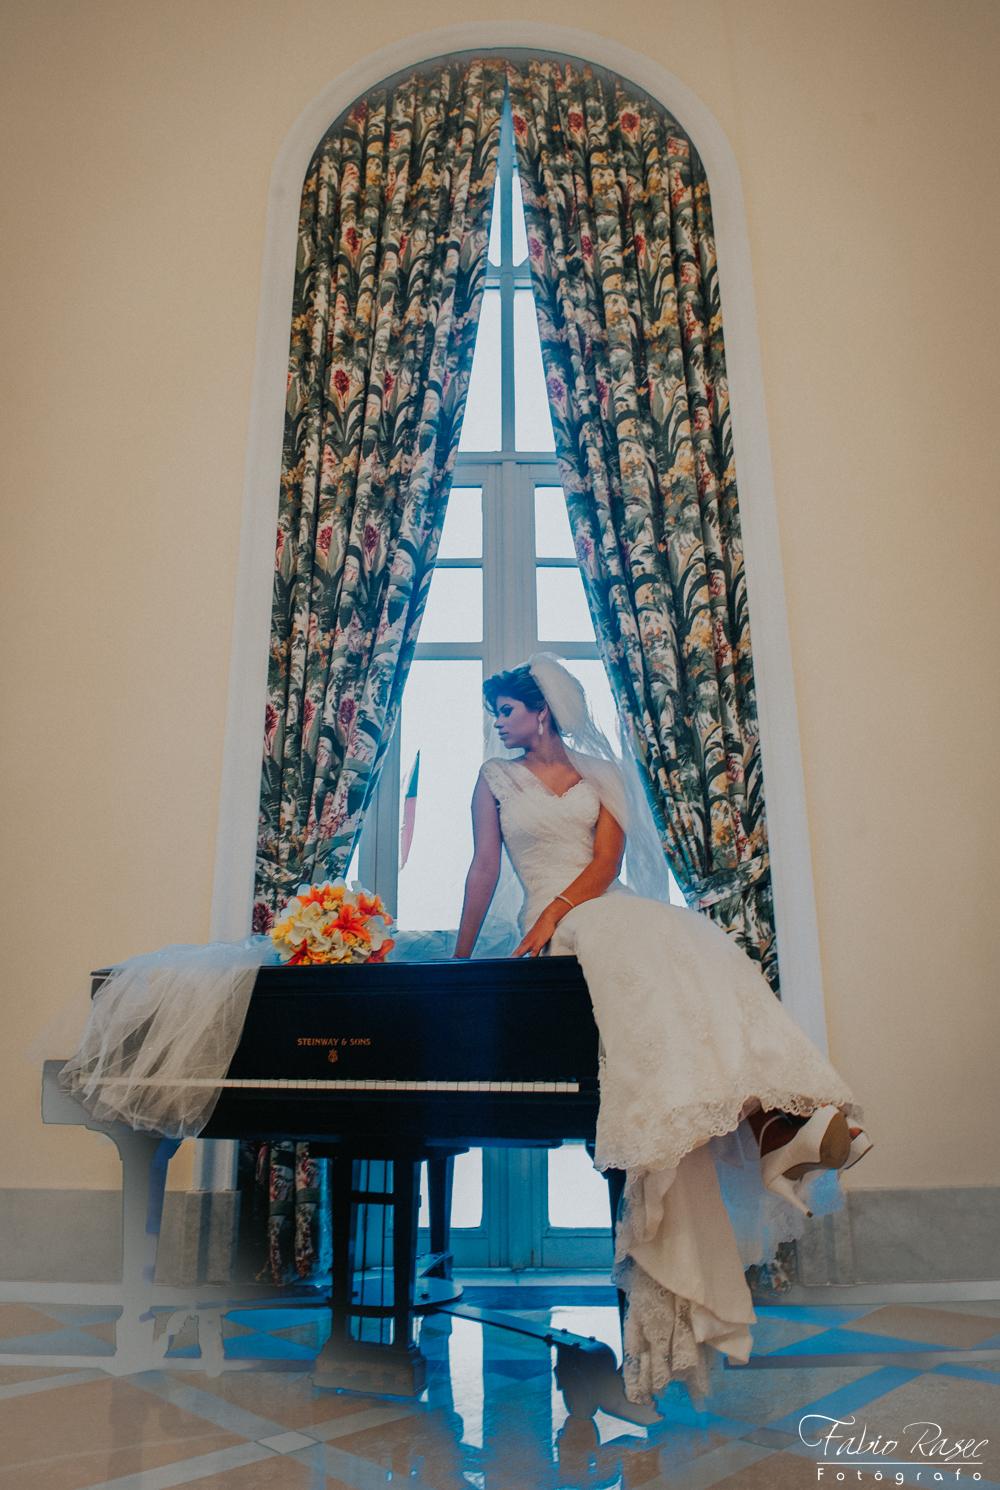 a (12) Fotografo de Casamento RJ, Fotógrafo de Casamento RJ, Fotografo Casamento RJ, Fotógrafo Casamento RJ, Fotografo de Casamento no Rio de Janeiro, Fotógrafo de Casamento no RJ